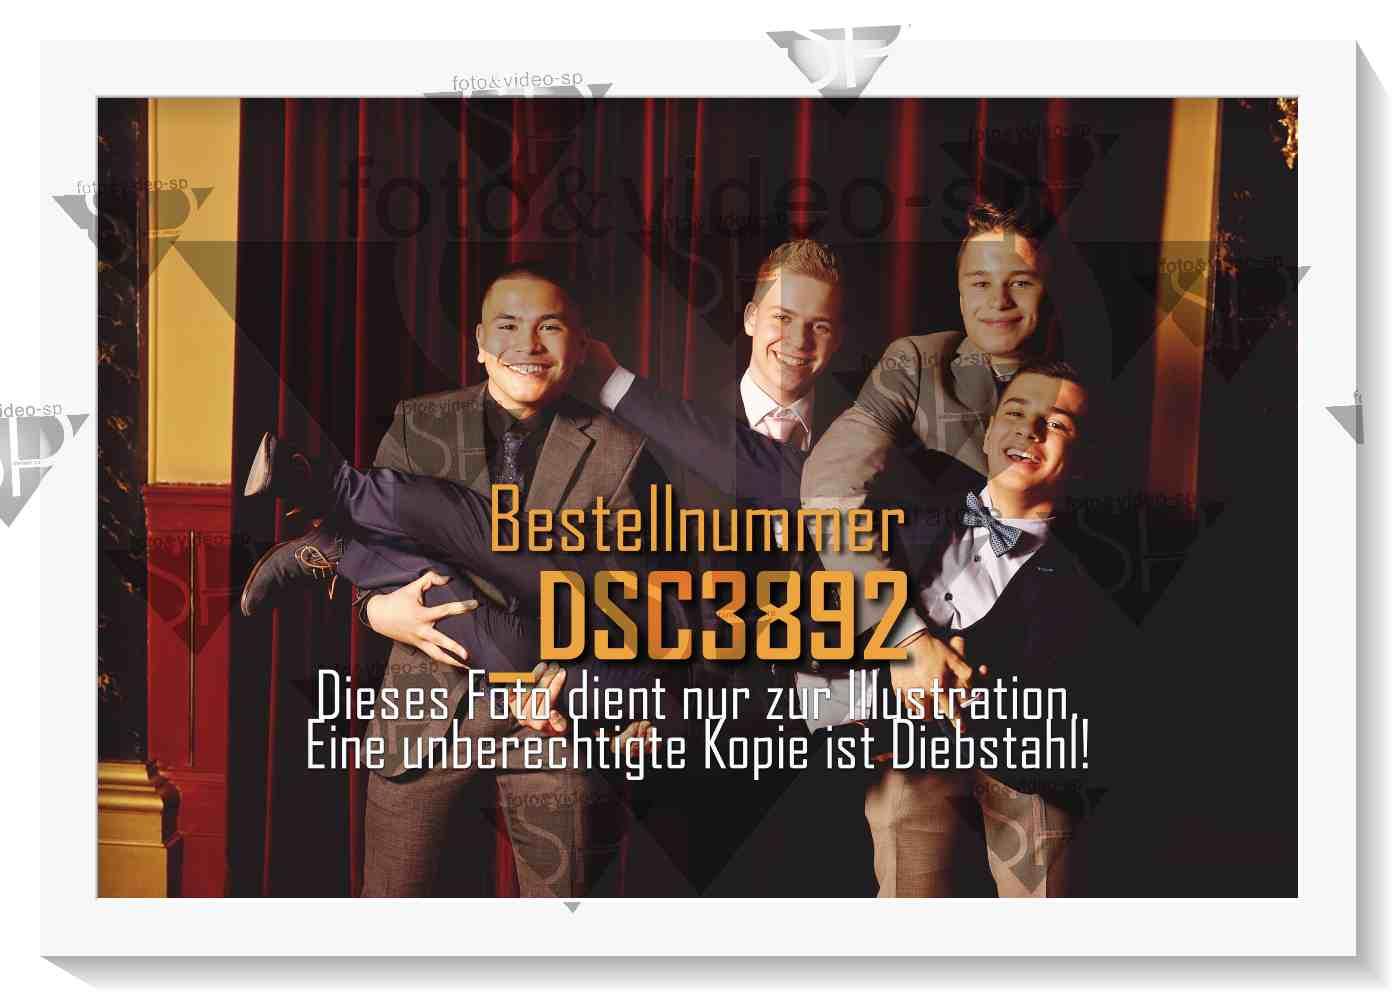 DSC3892